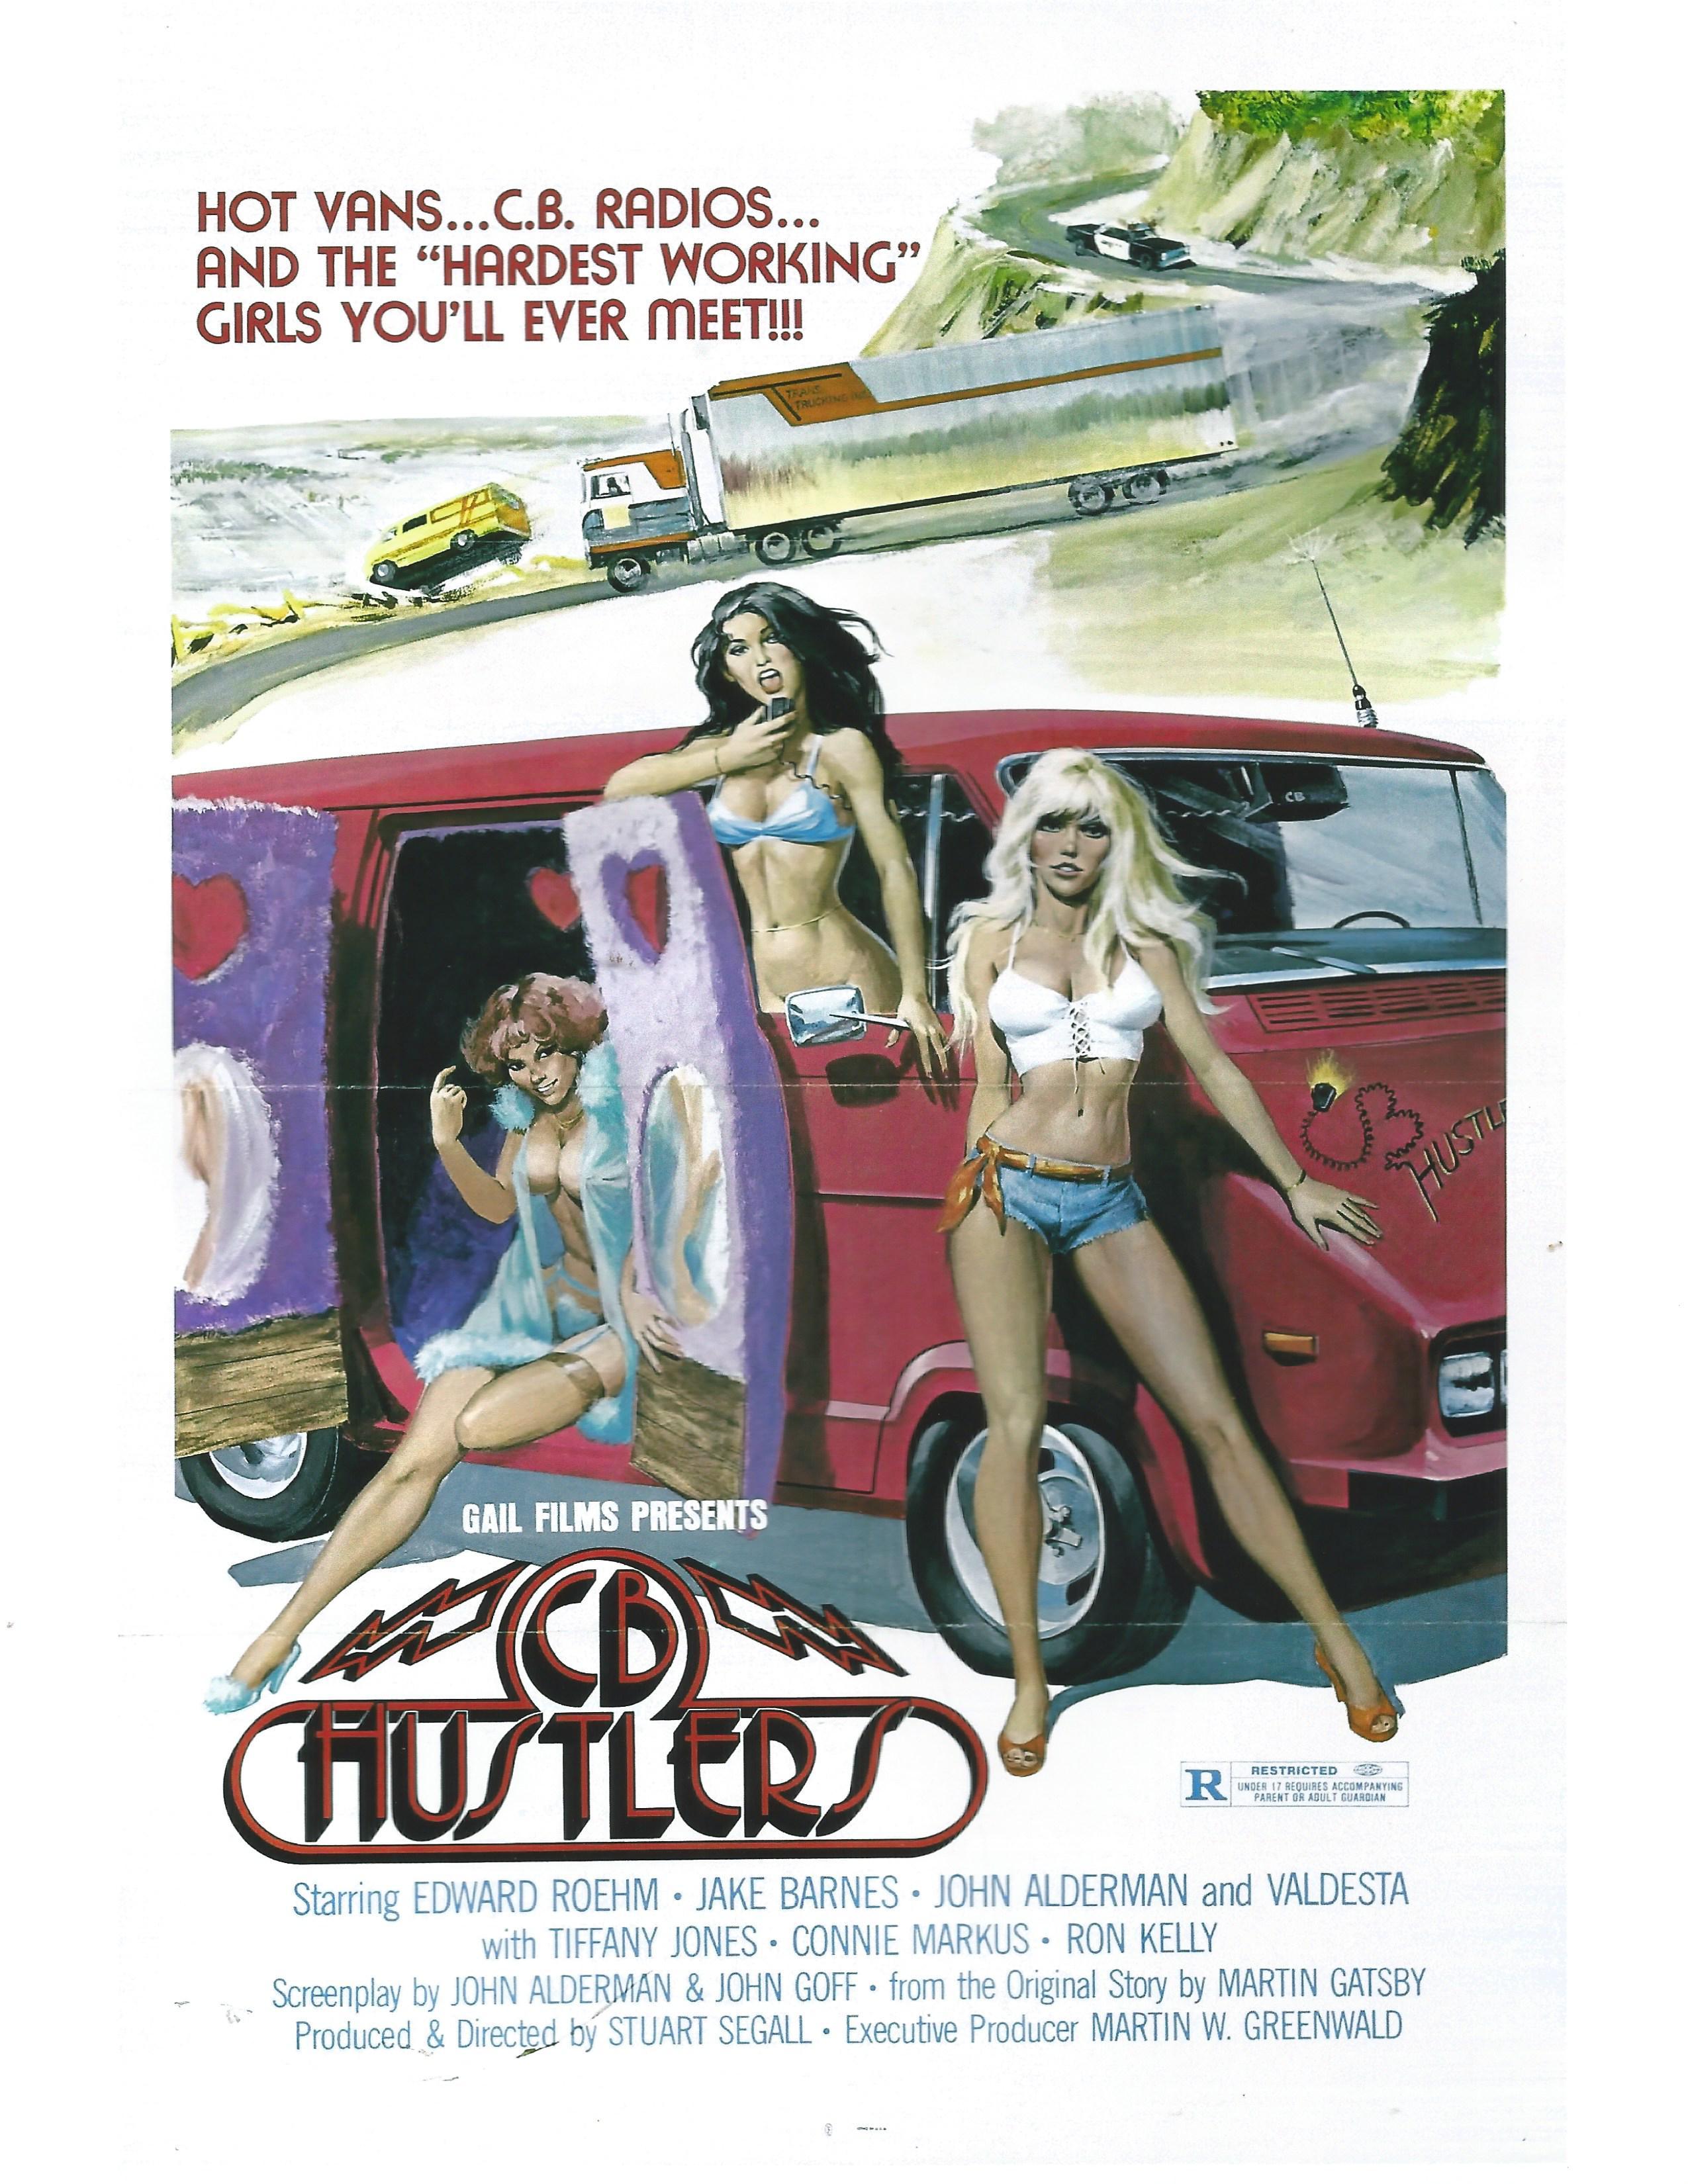 Image C.B. Hustlers Watch Full Movie Free Online